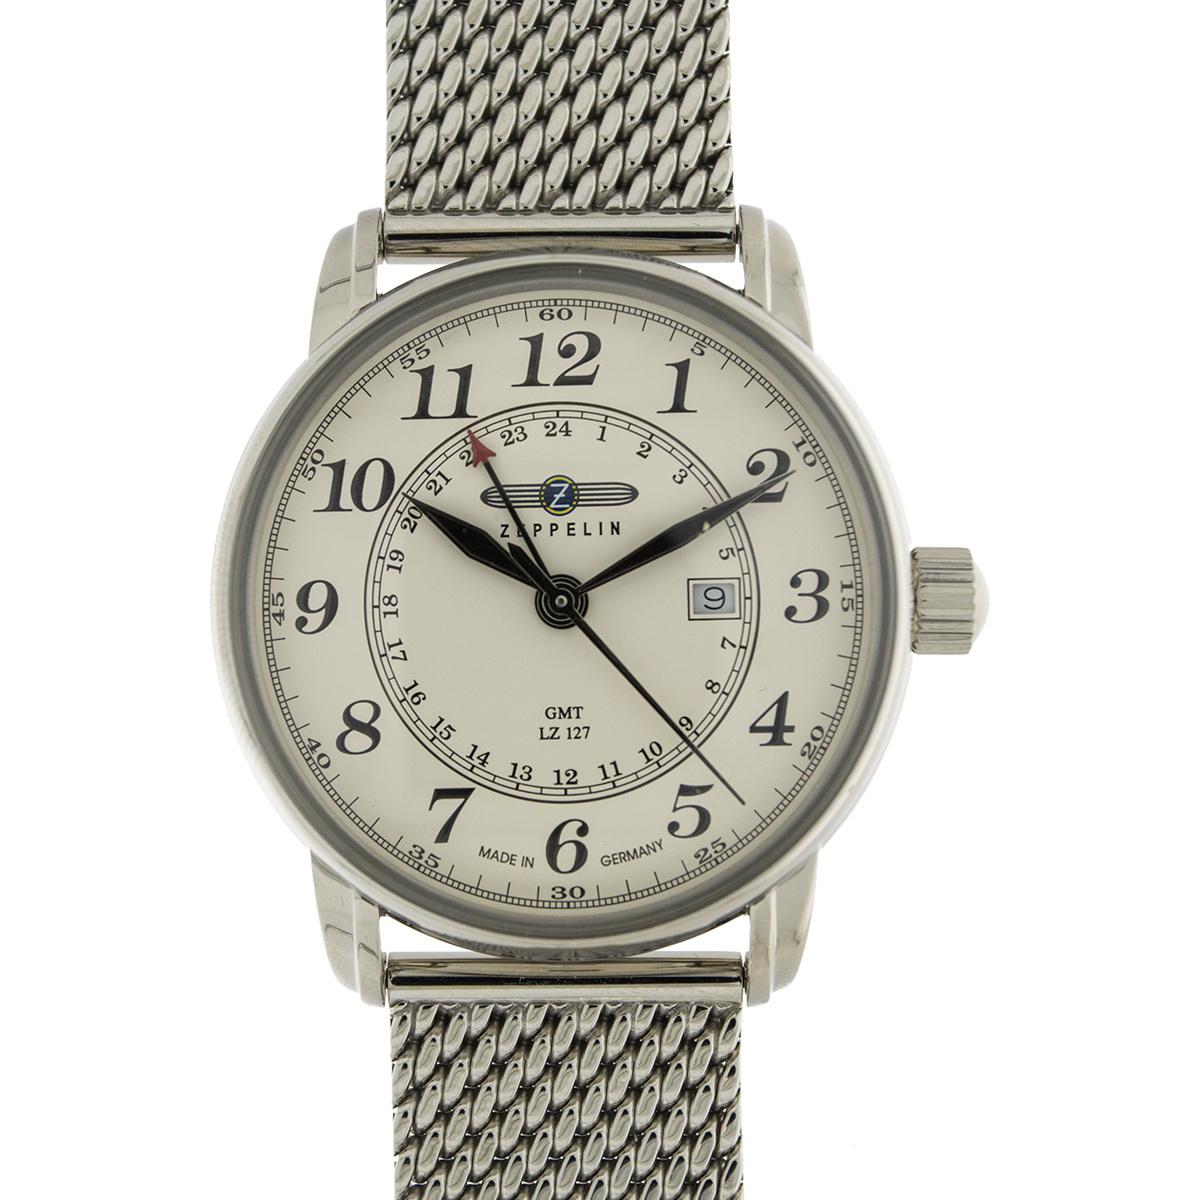 Мужские часы Zeppelin LZ127 Graf Zeppelin 7642M5